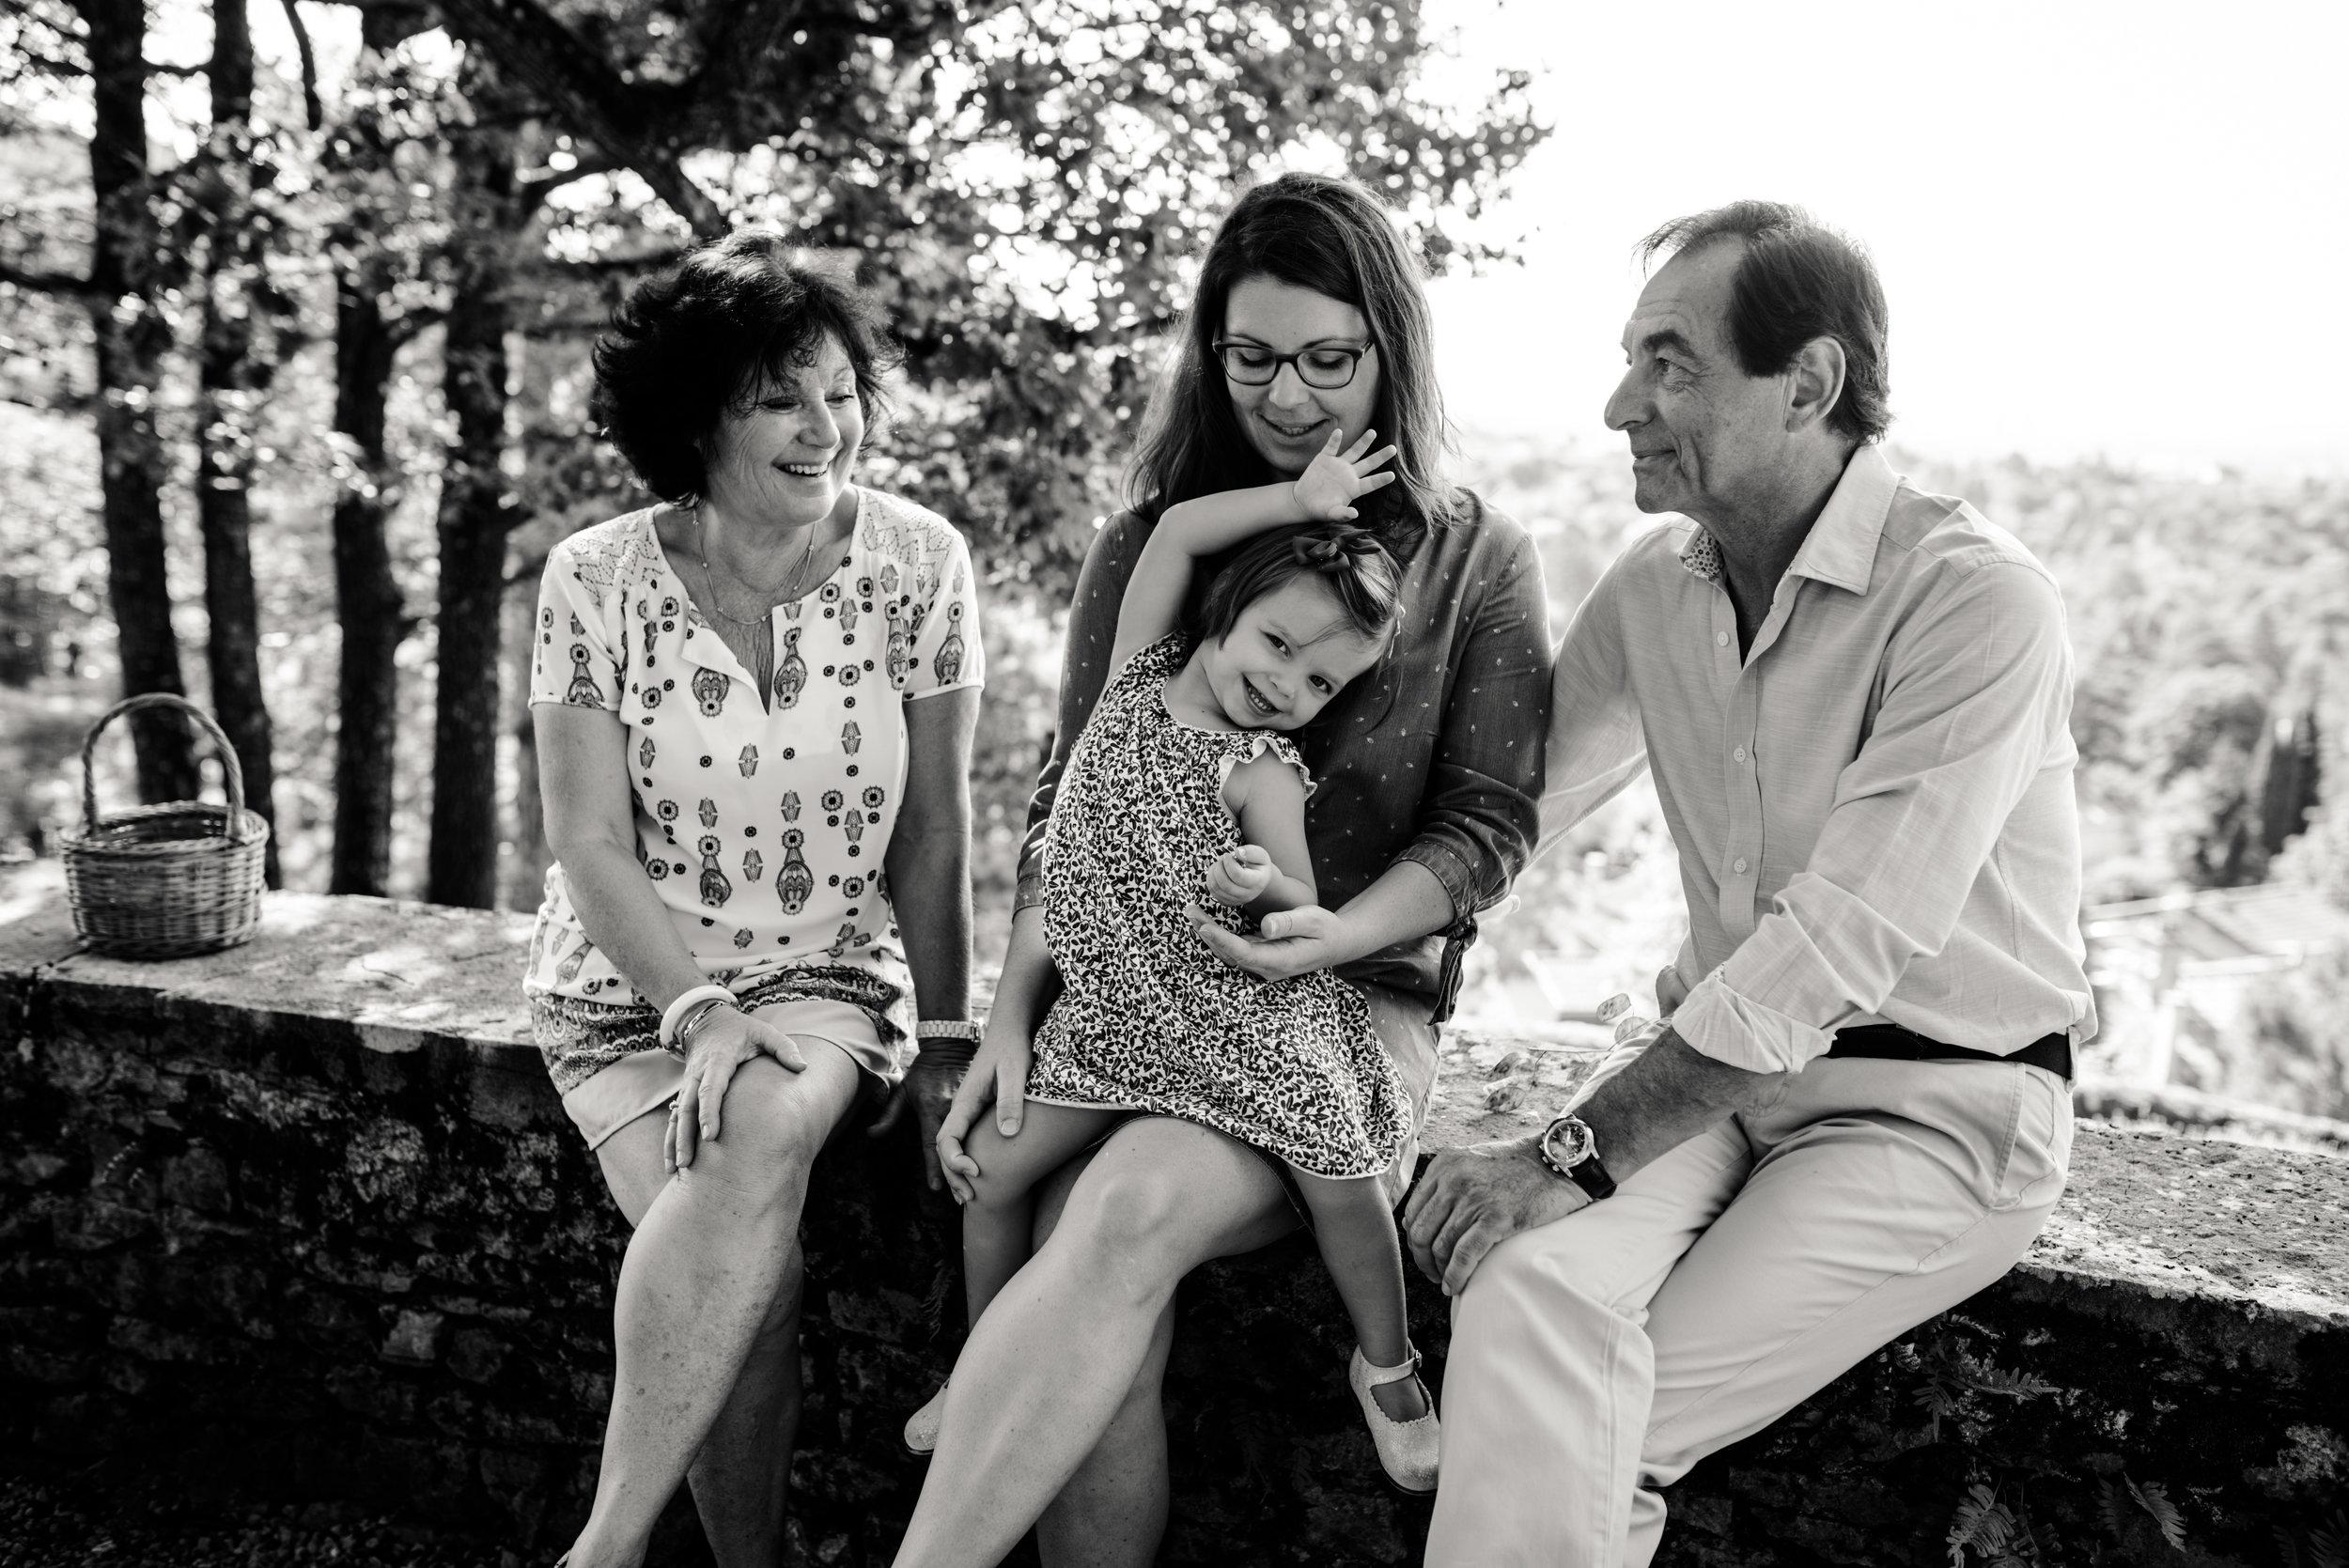 Léa-Fery-photographe-professionnel-lyon-rhone-alpes-portrait-creation-mariage-evenement-evenementiel-famille-4491.jpg